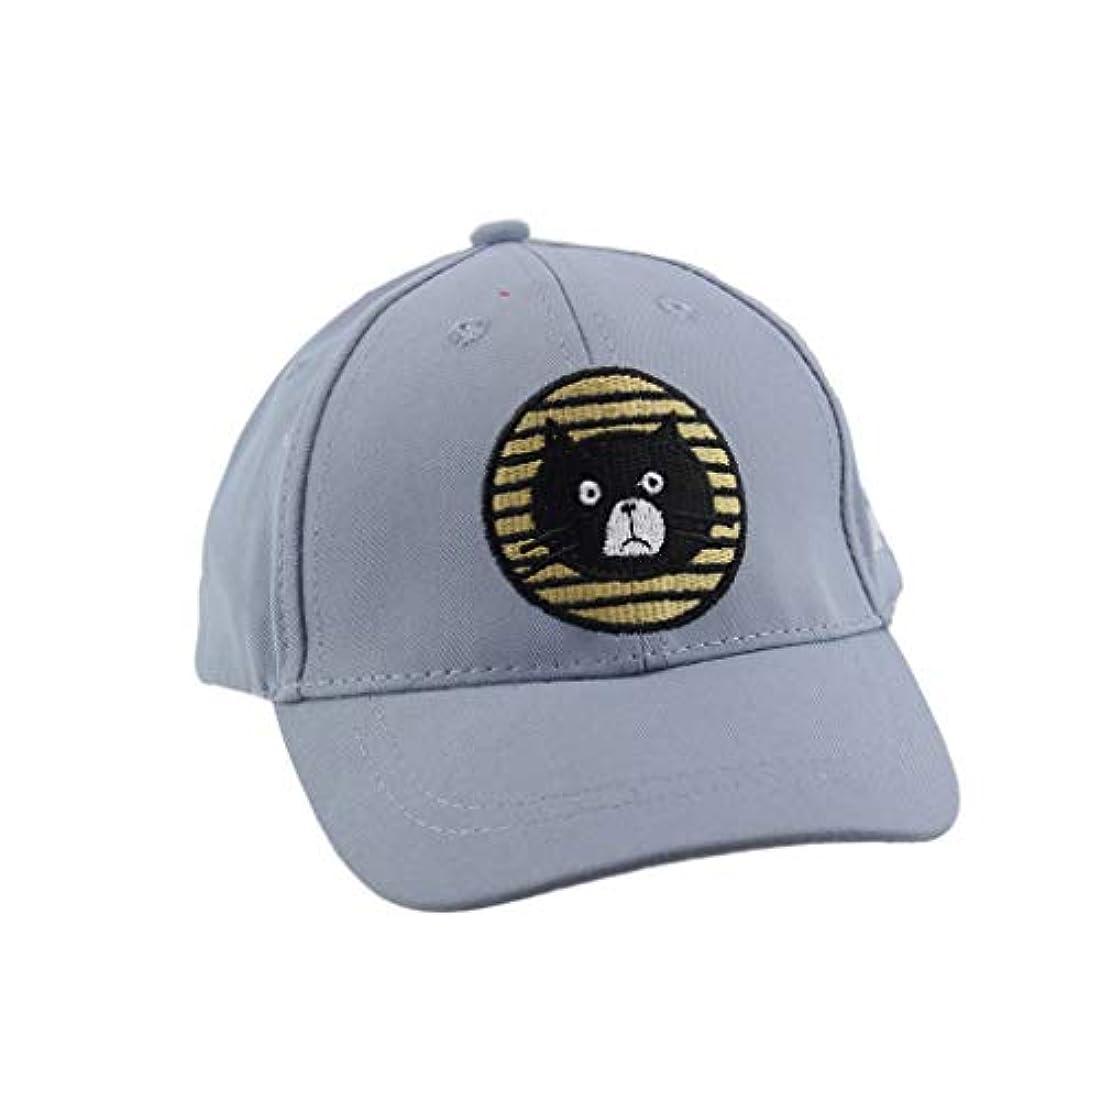 穏やかな涙俳句Kaiweini 春夏新しい漁夫帽子供しゃれ ベビー帽 通気性抜群 日除け UVカット 紫外線対策スポーツ帽子男女兼用 速乾 軽薄 日よけ野球帽